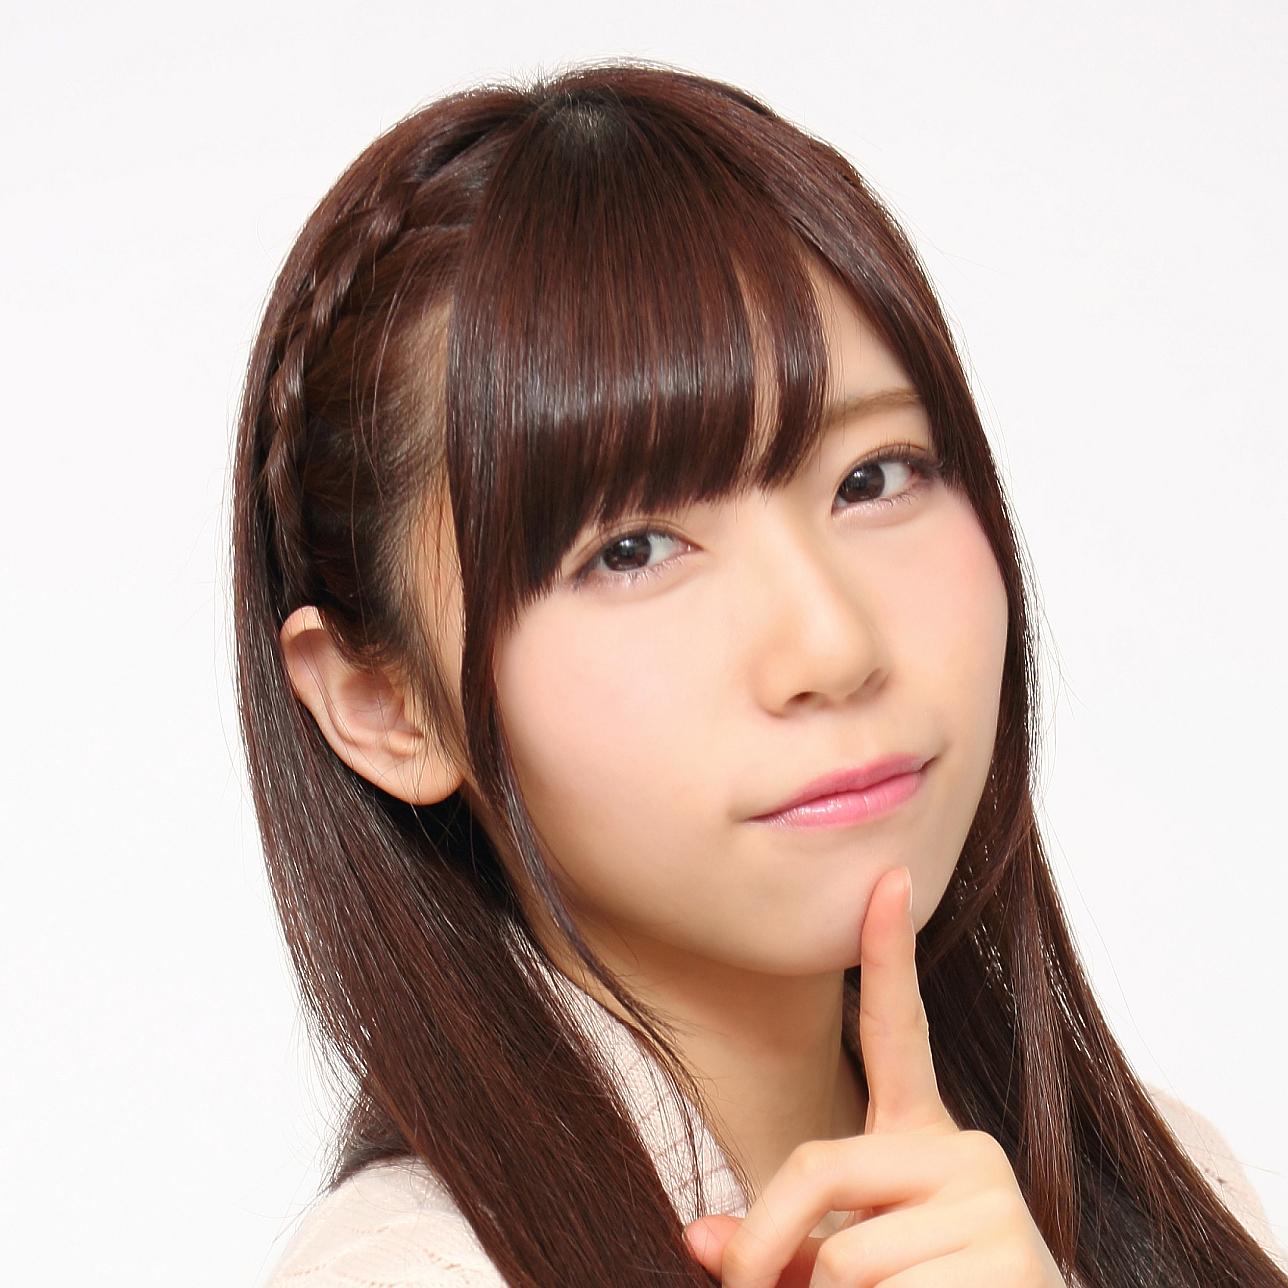 NGT48宮島亜弥「きっとこれは私たちじゃなければ、歌えない曲だと思うんです」